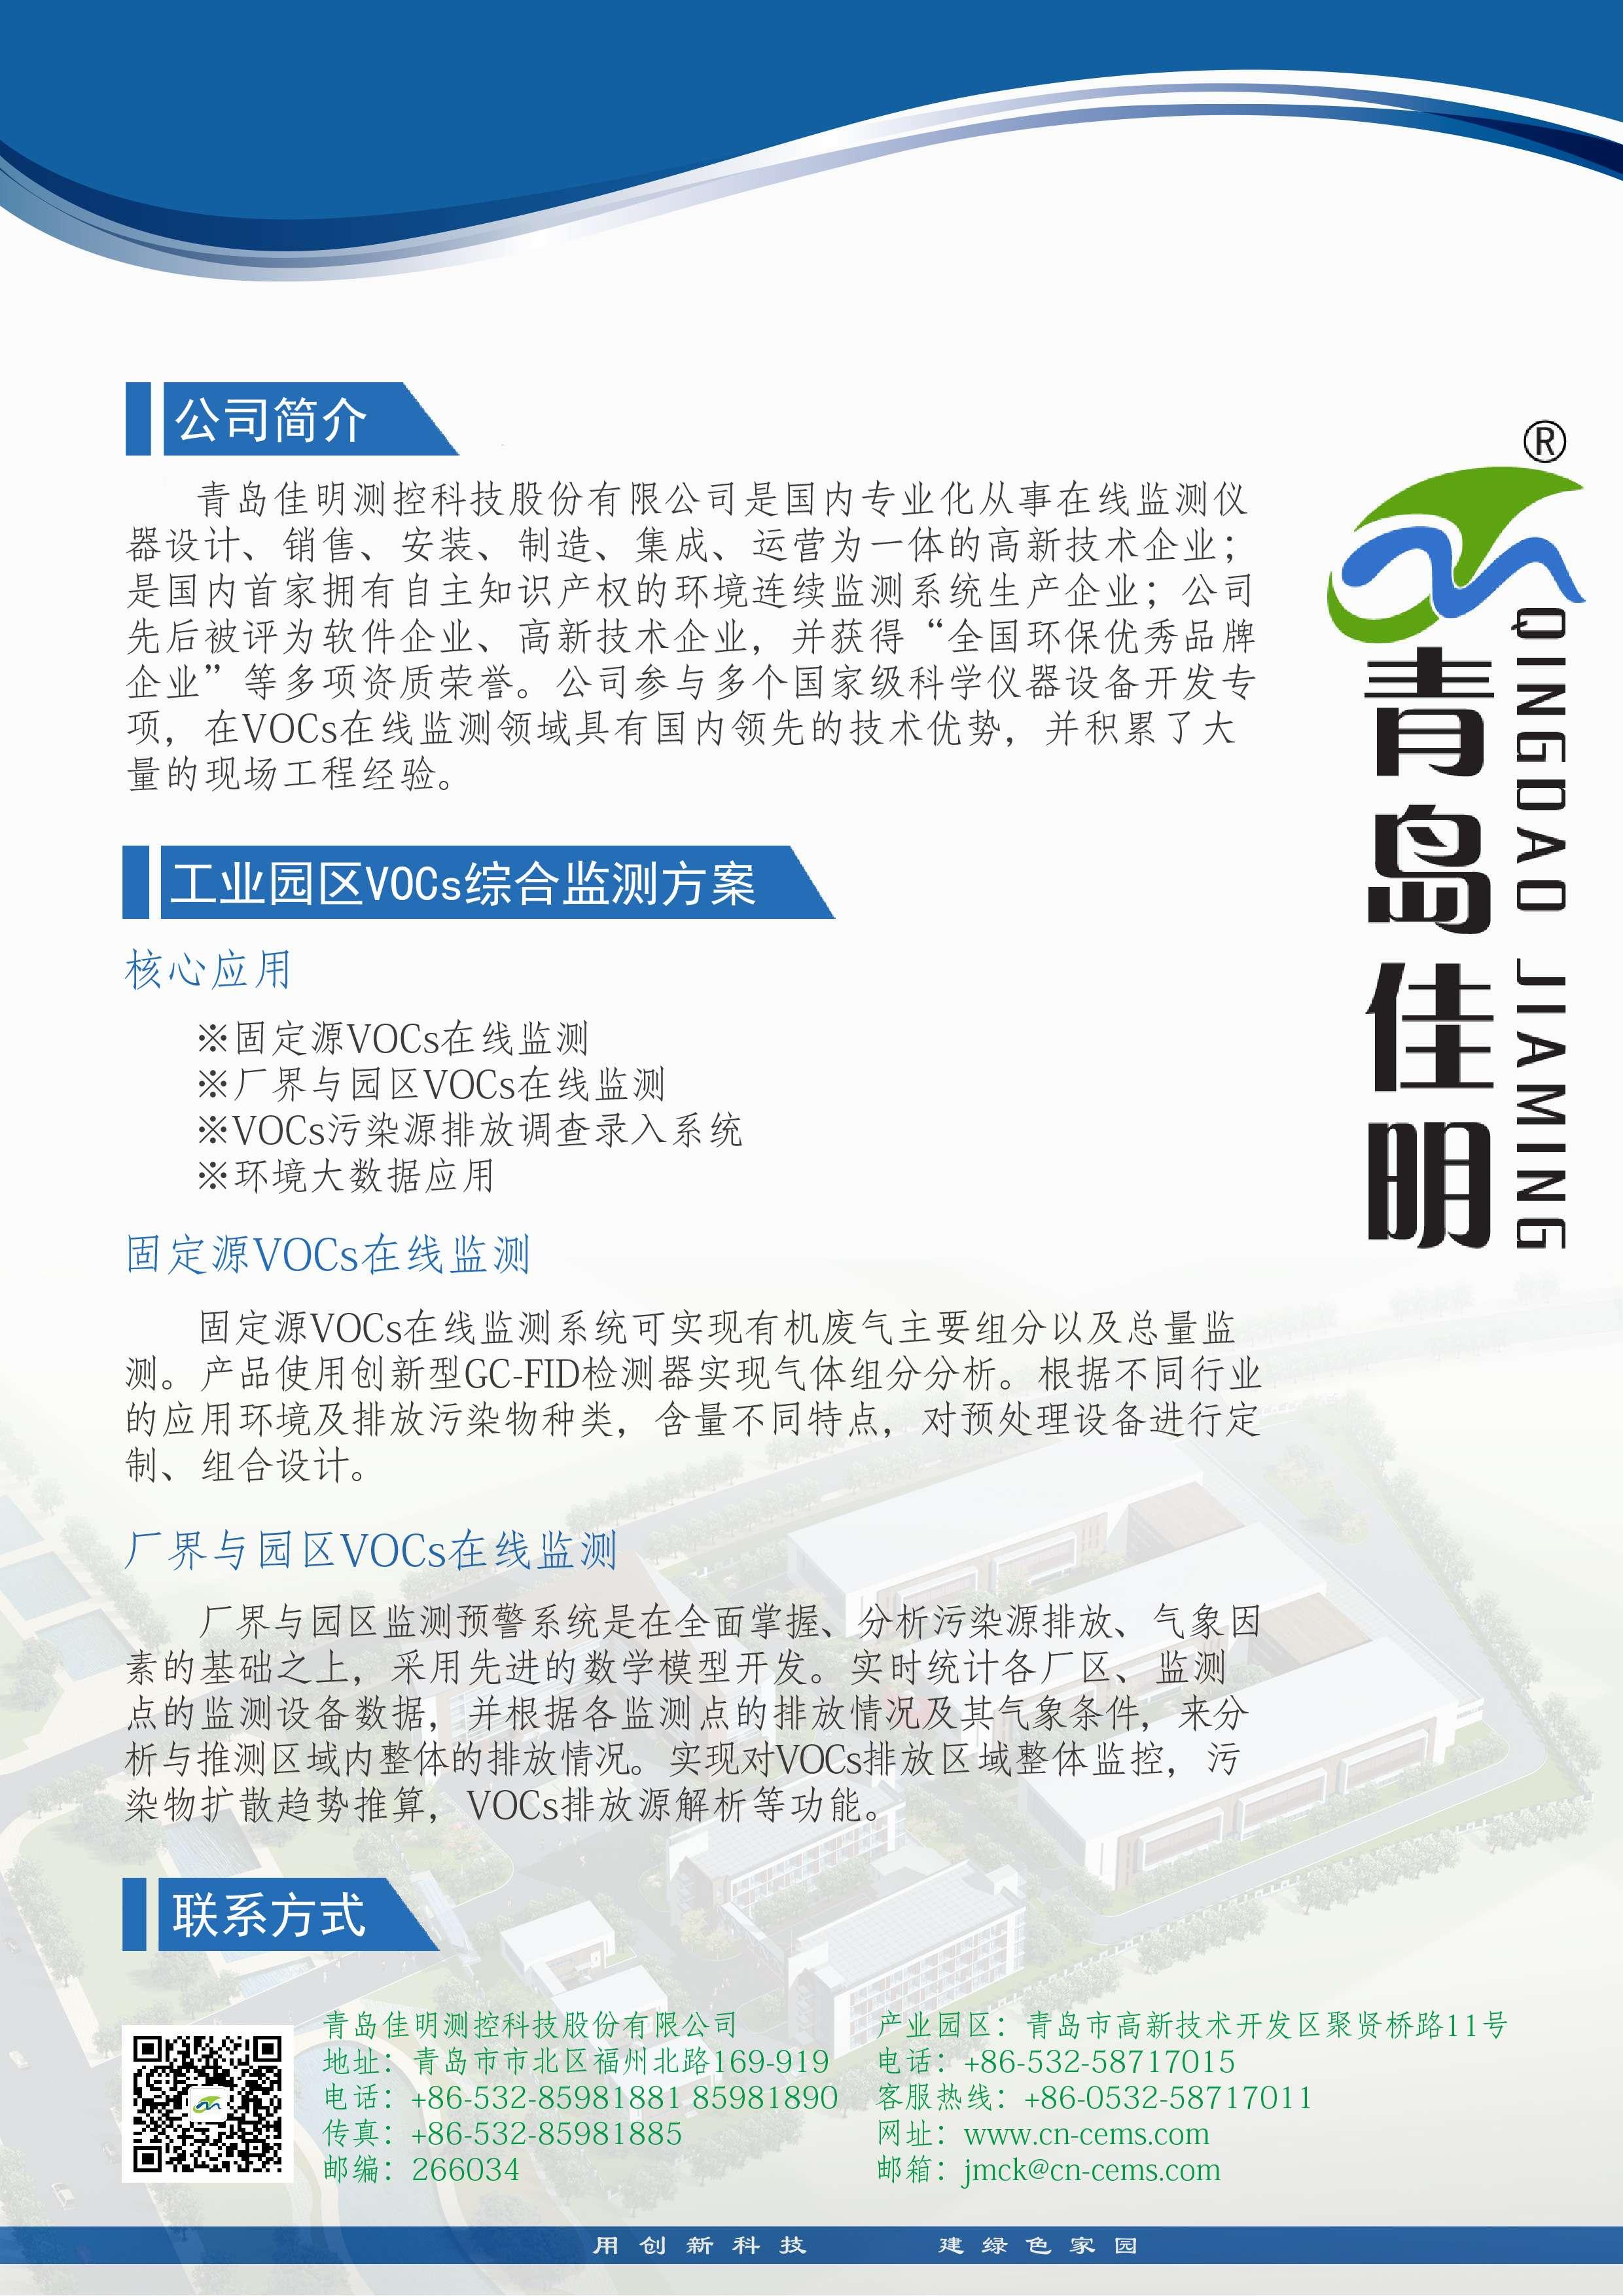 青島佳明VOCs在線監測系統產品交流對接會在濟南順利召開